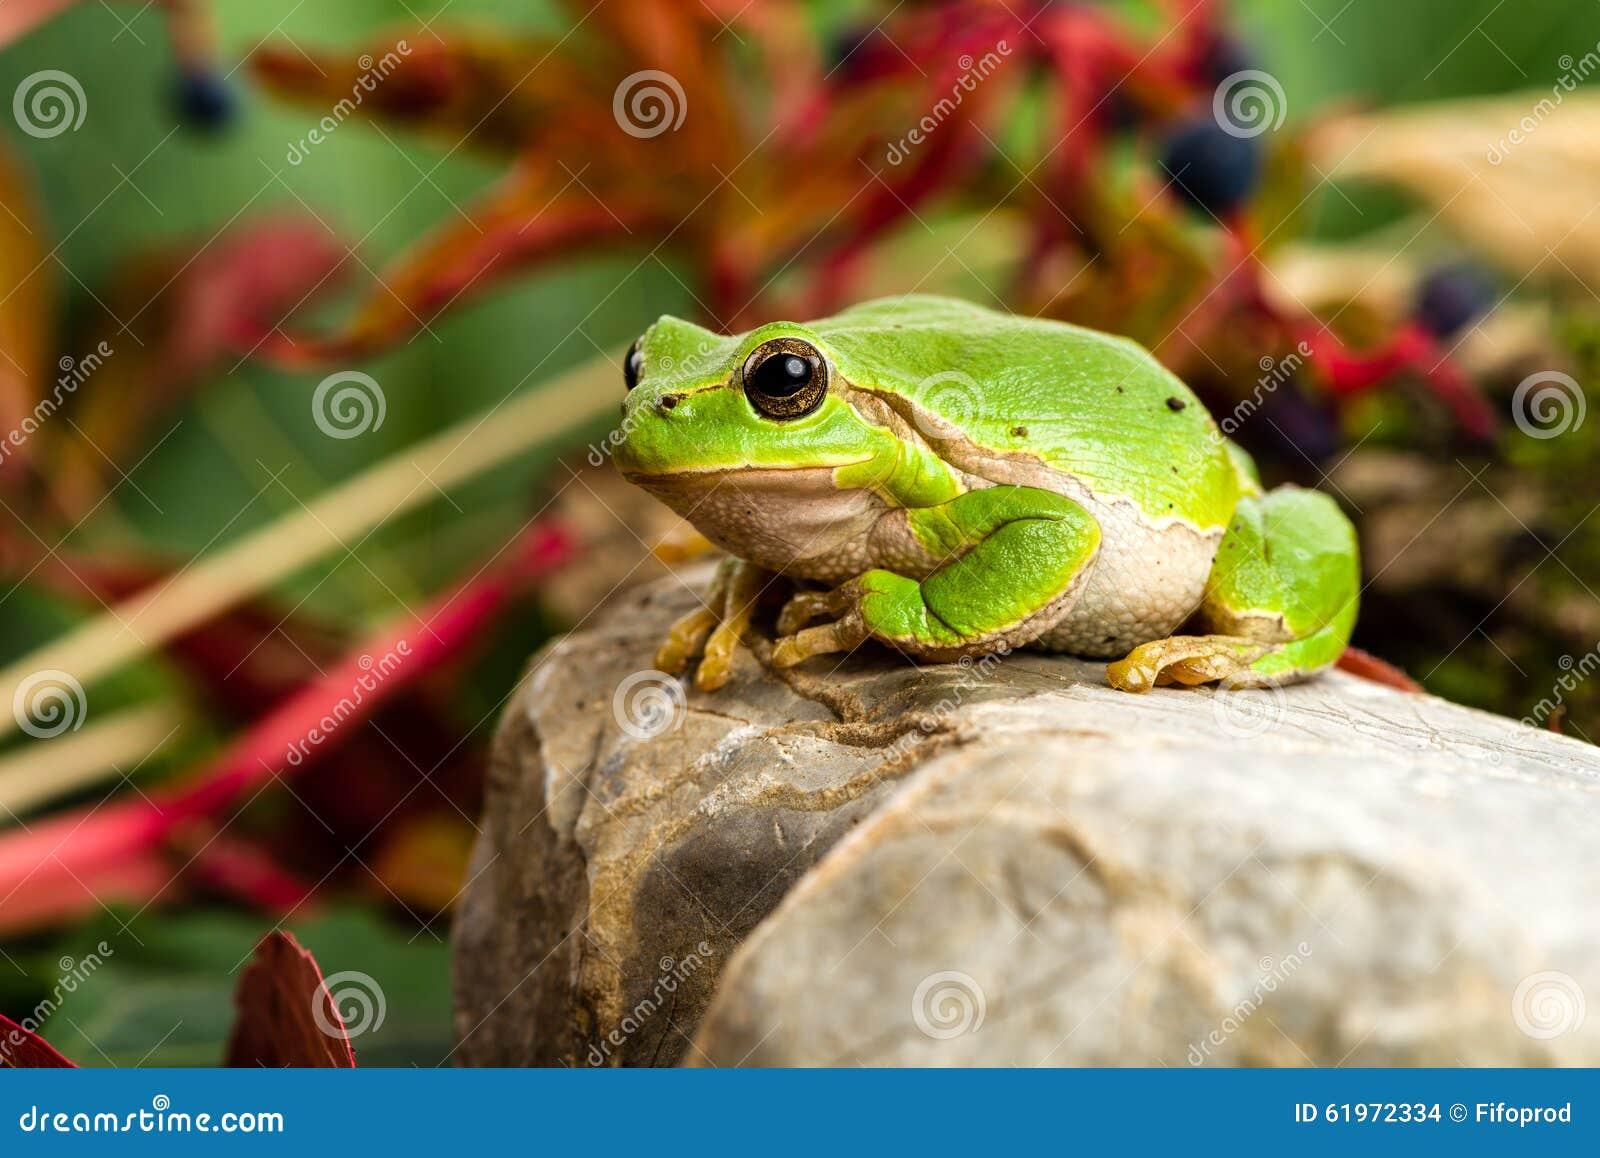 Europejczyk zielona drzewna żaba czaije się dla zdobycza w naturalnym środowisku